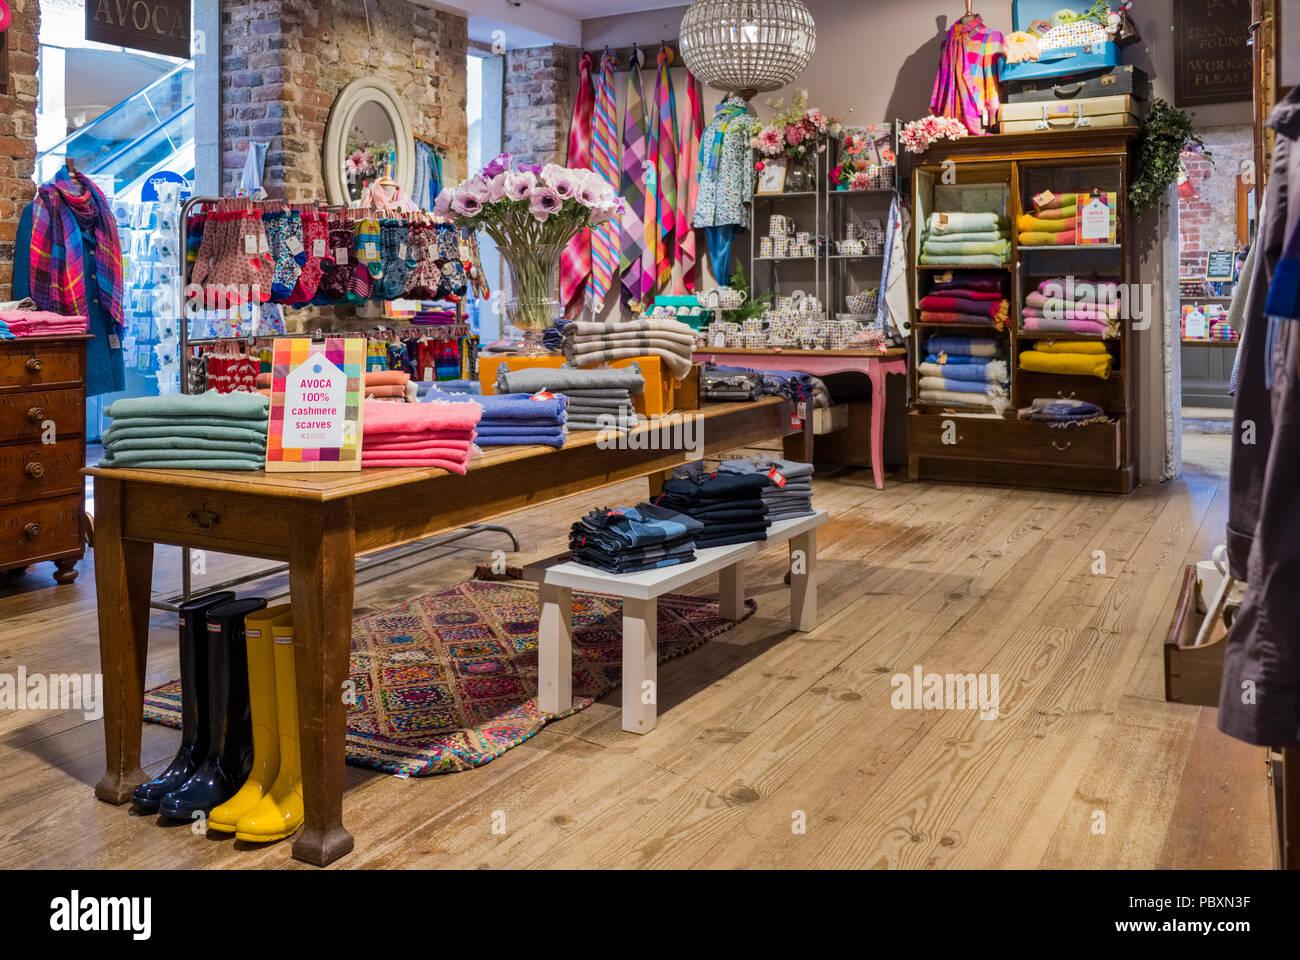 Interno di un Avoca shop, una sistemazione di retail store nella Repubblica di Irlanda, Europa Immagini Stock